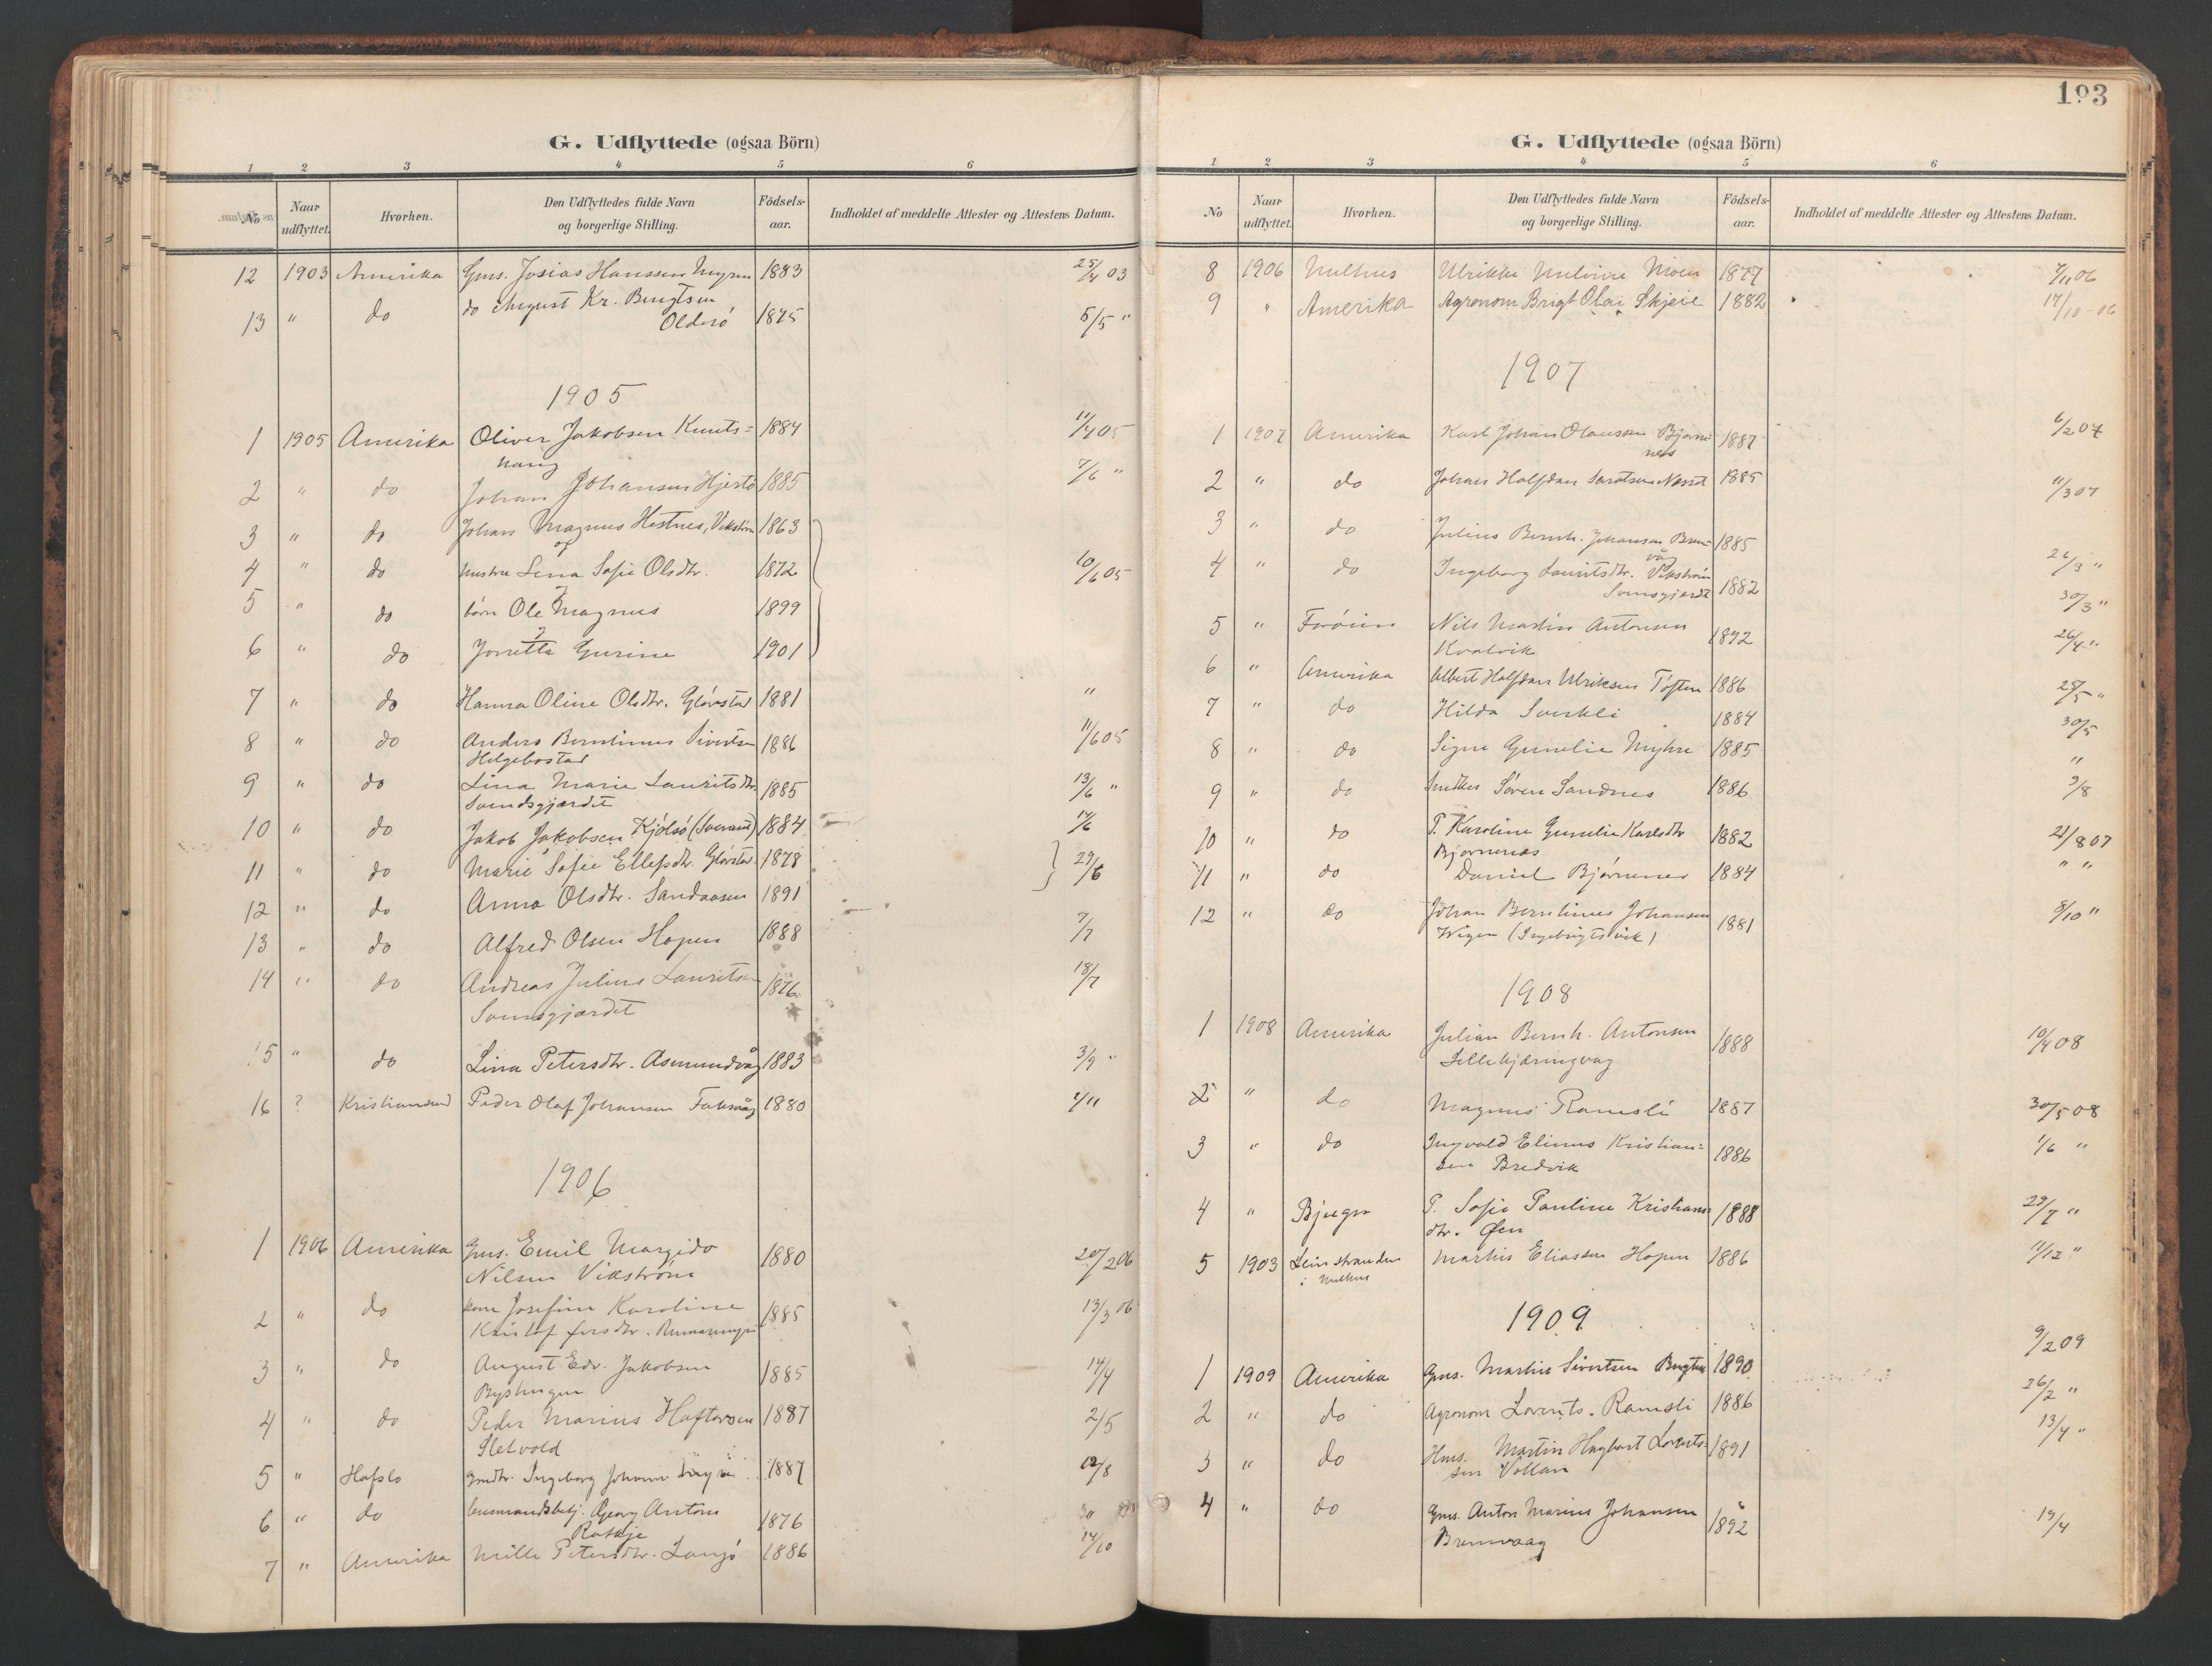 SAT, Ministerialprotokoller, klokkerbøker og fødselsregistre - Sør-Trøndelag, 634/L0537: Ministerialbok nr. 634A13, 1896-1922, s. 193